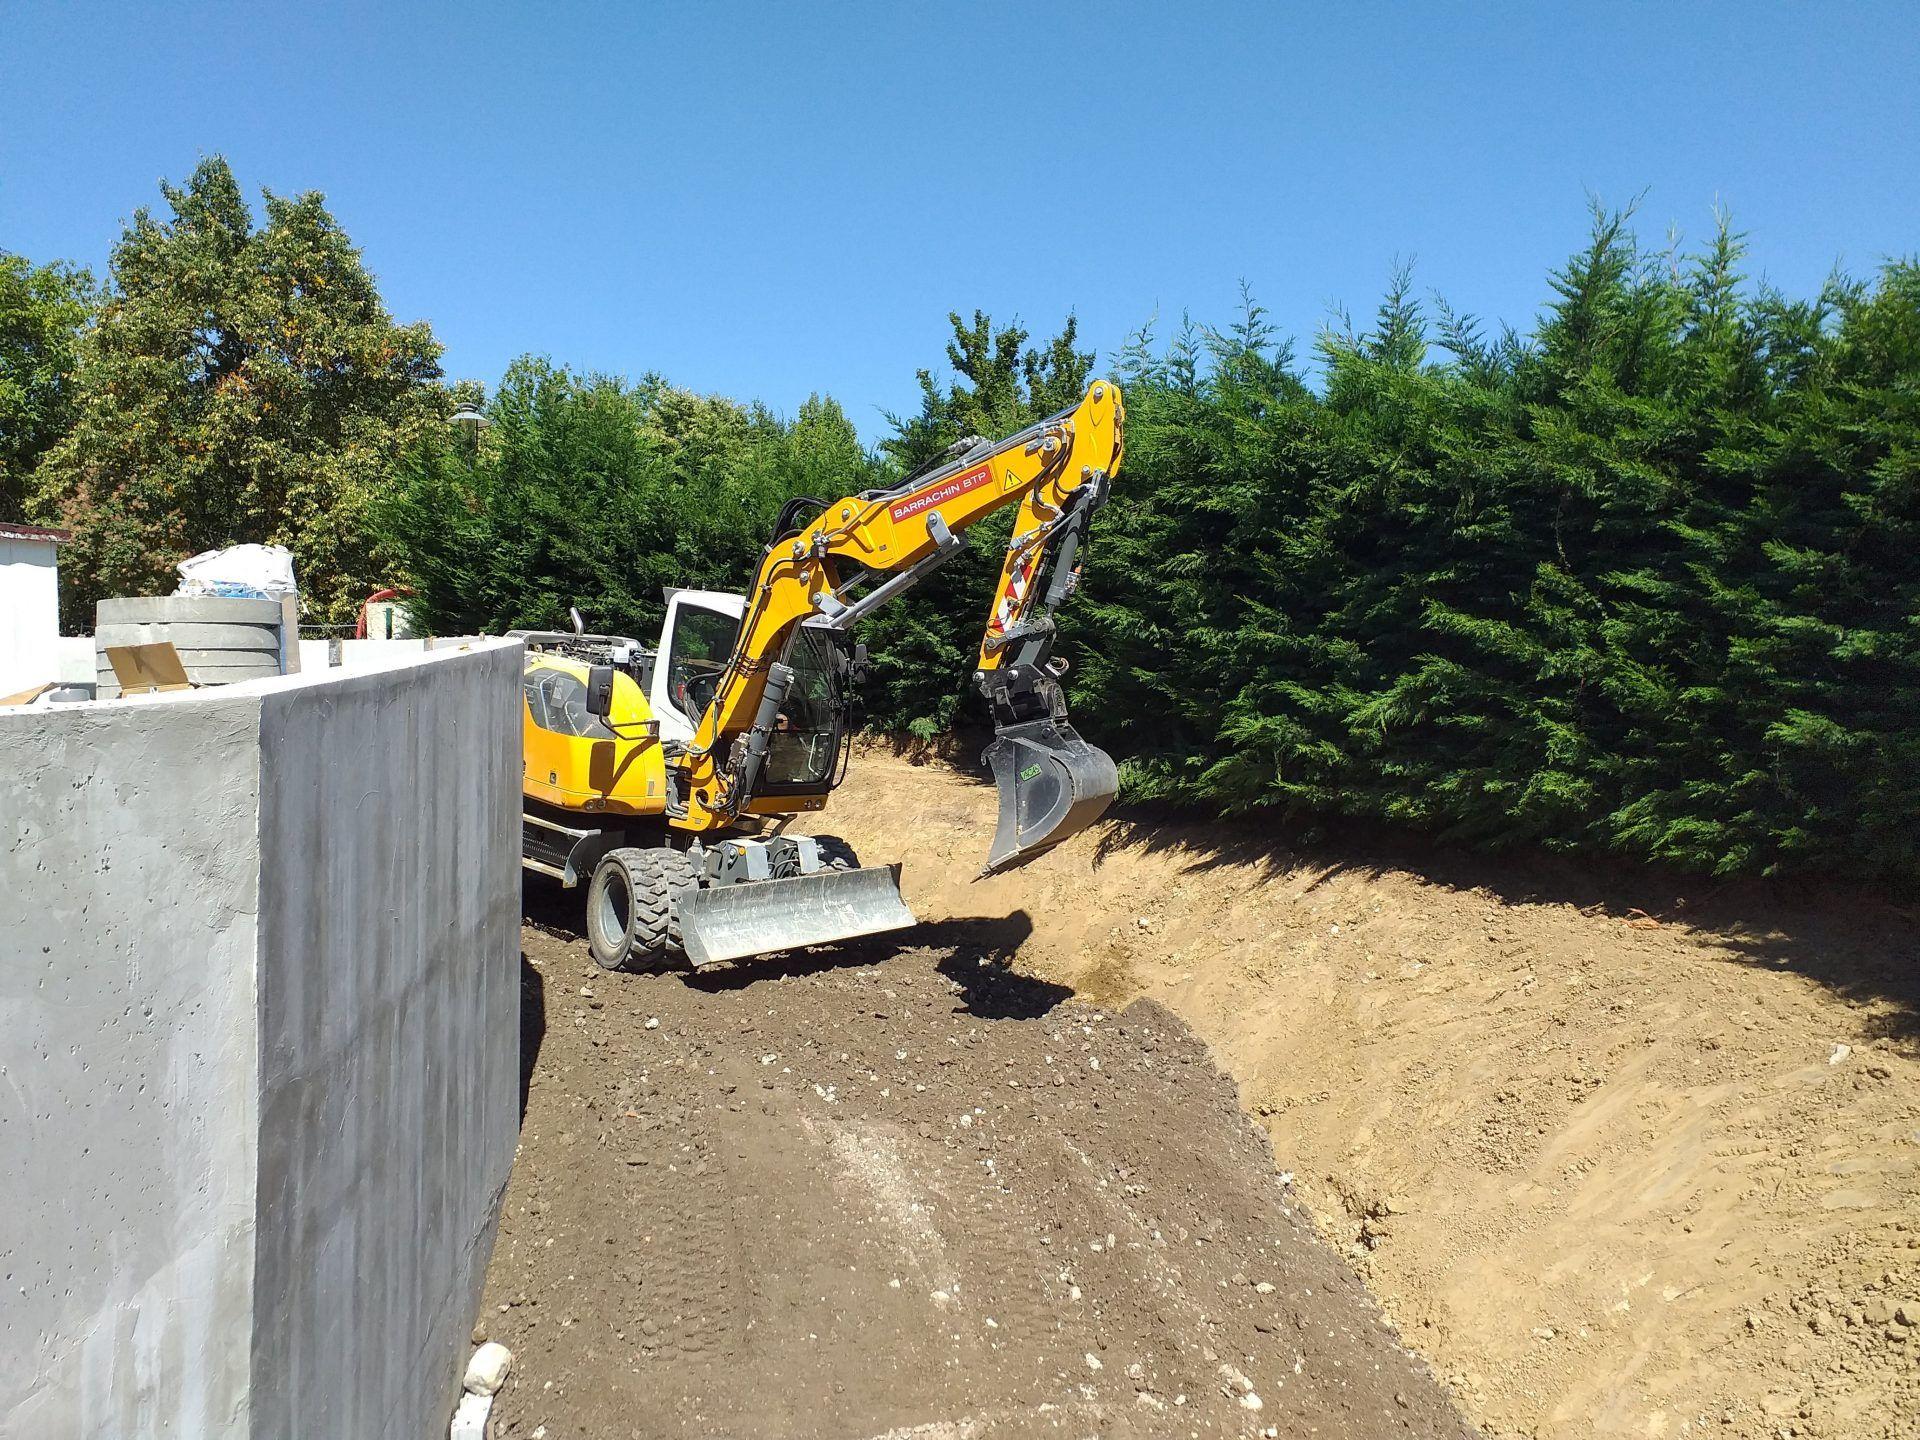 Fosse de rétention sur chantier Clos des Saules - Annecy-le-Vieux - Barrachin BTP